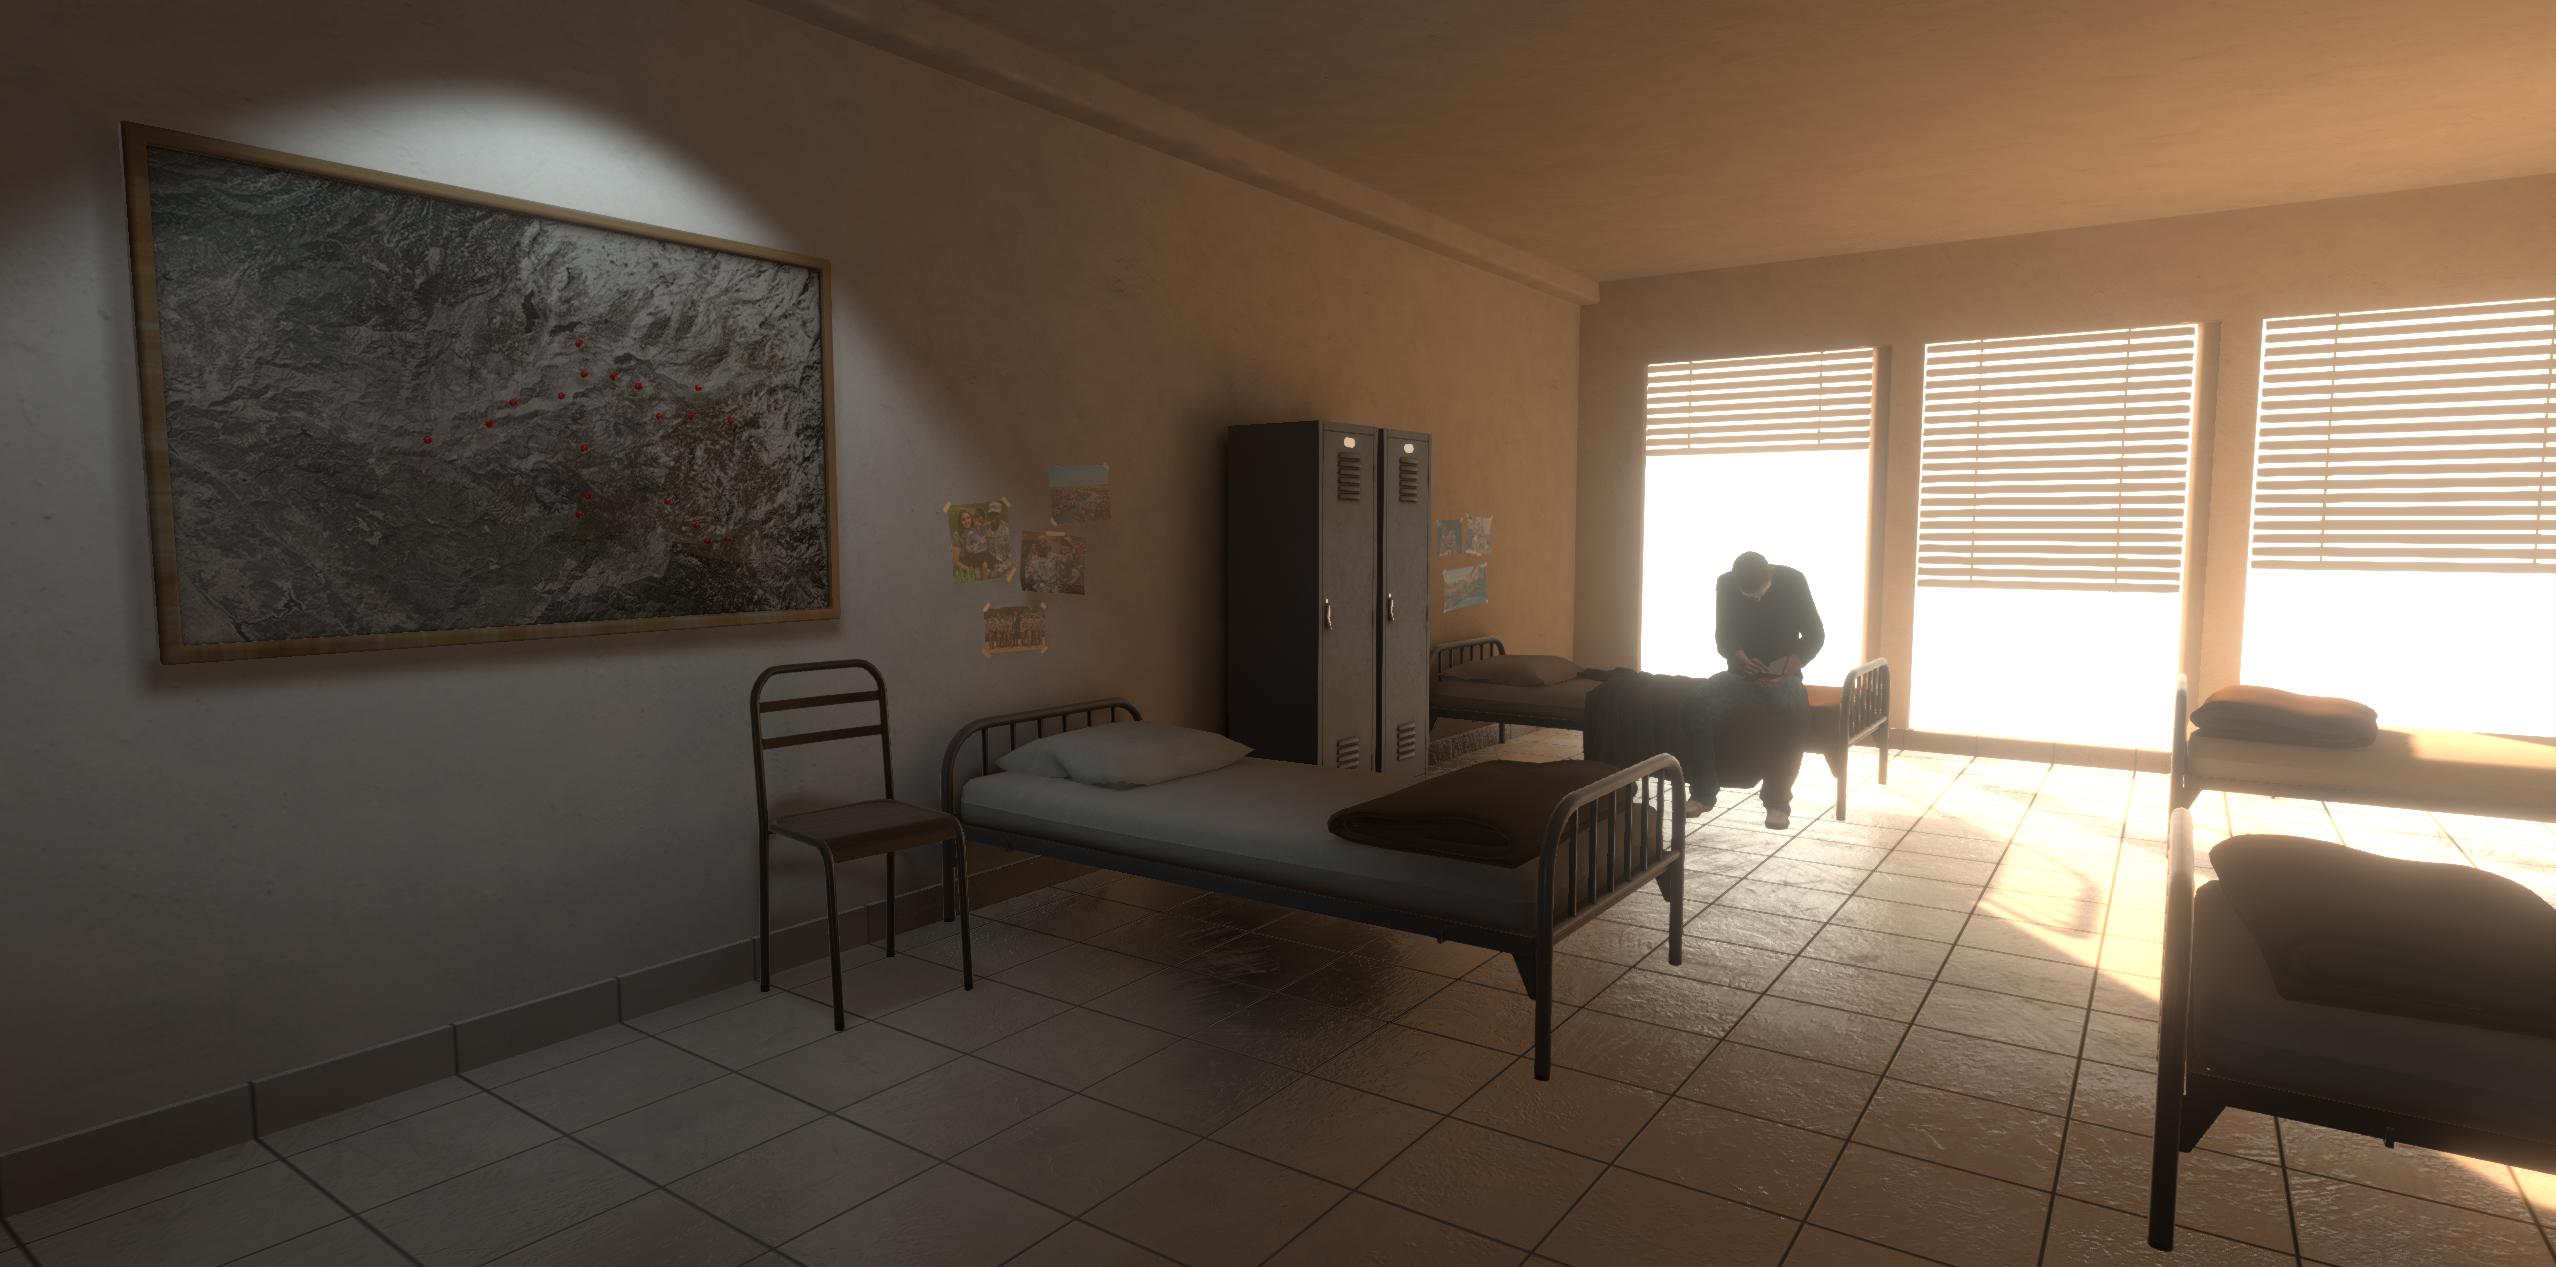 AKIA - Prototype VR